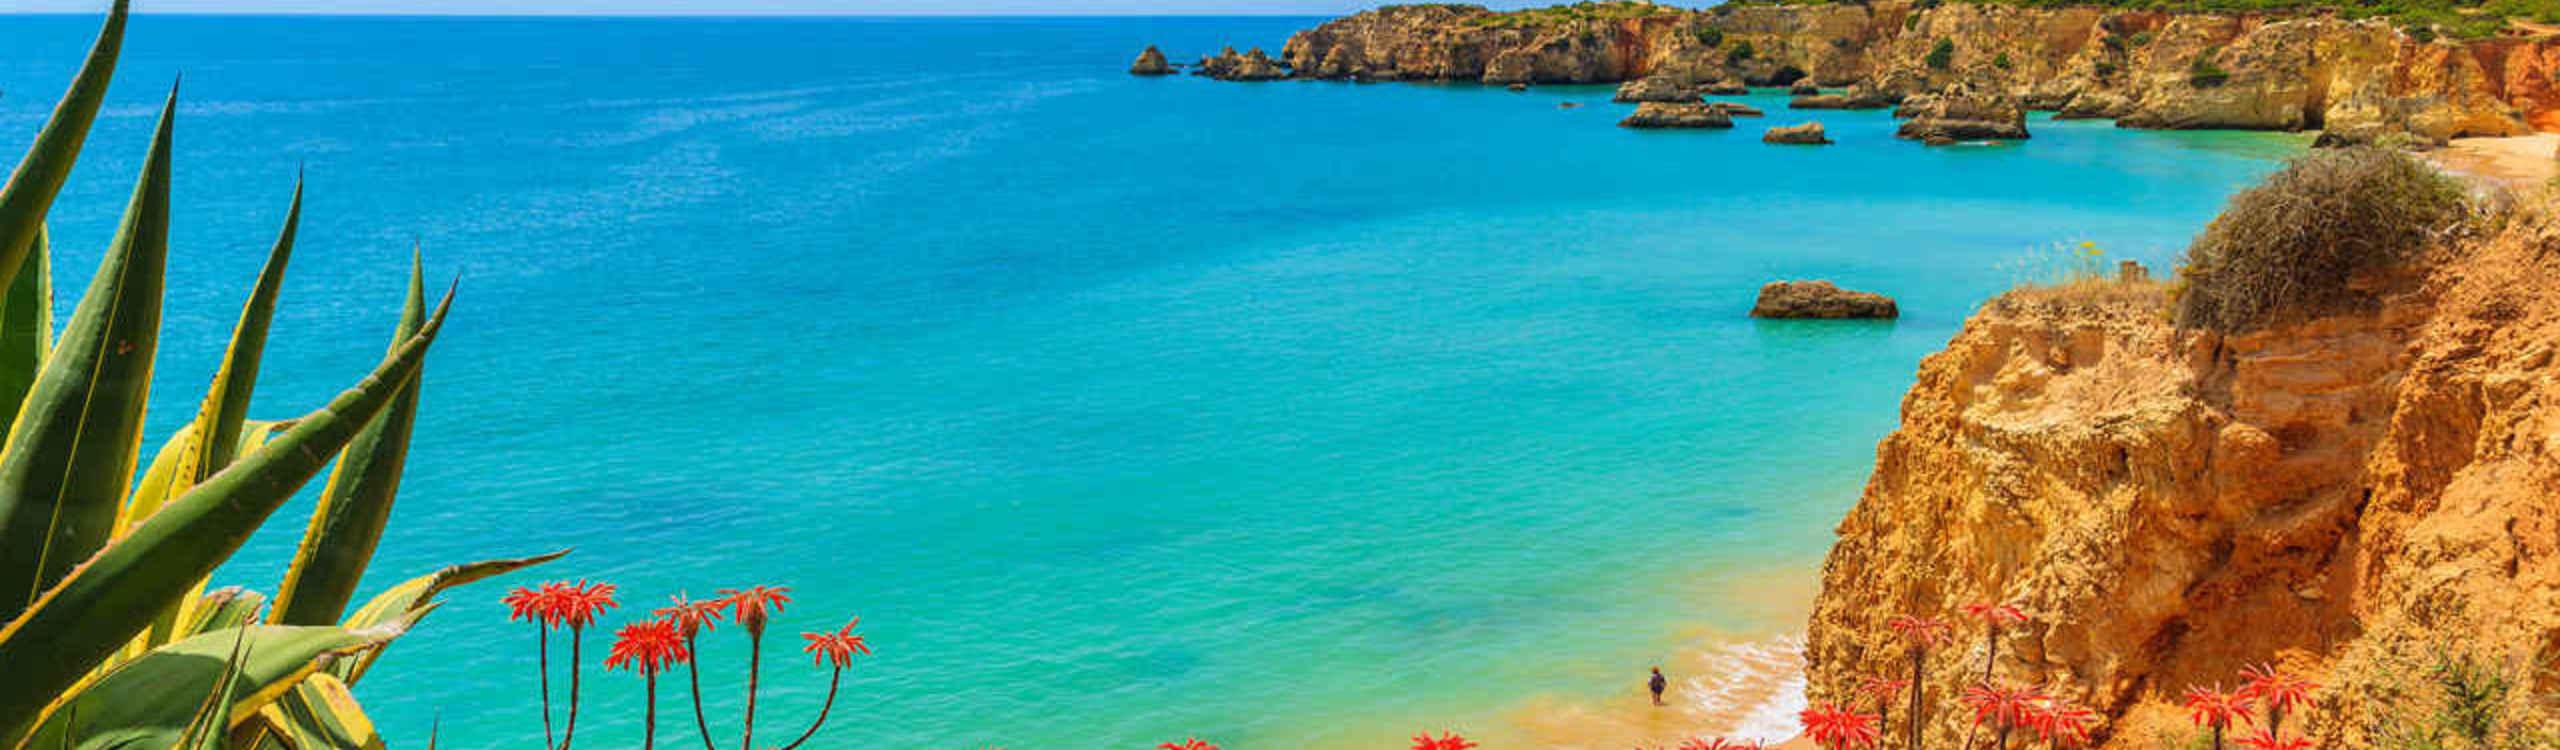 Huur & verkoop van villa's Portugal